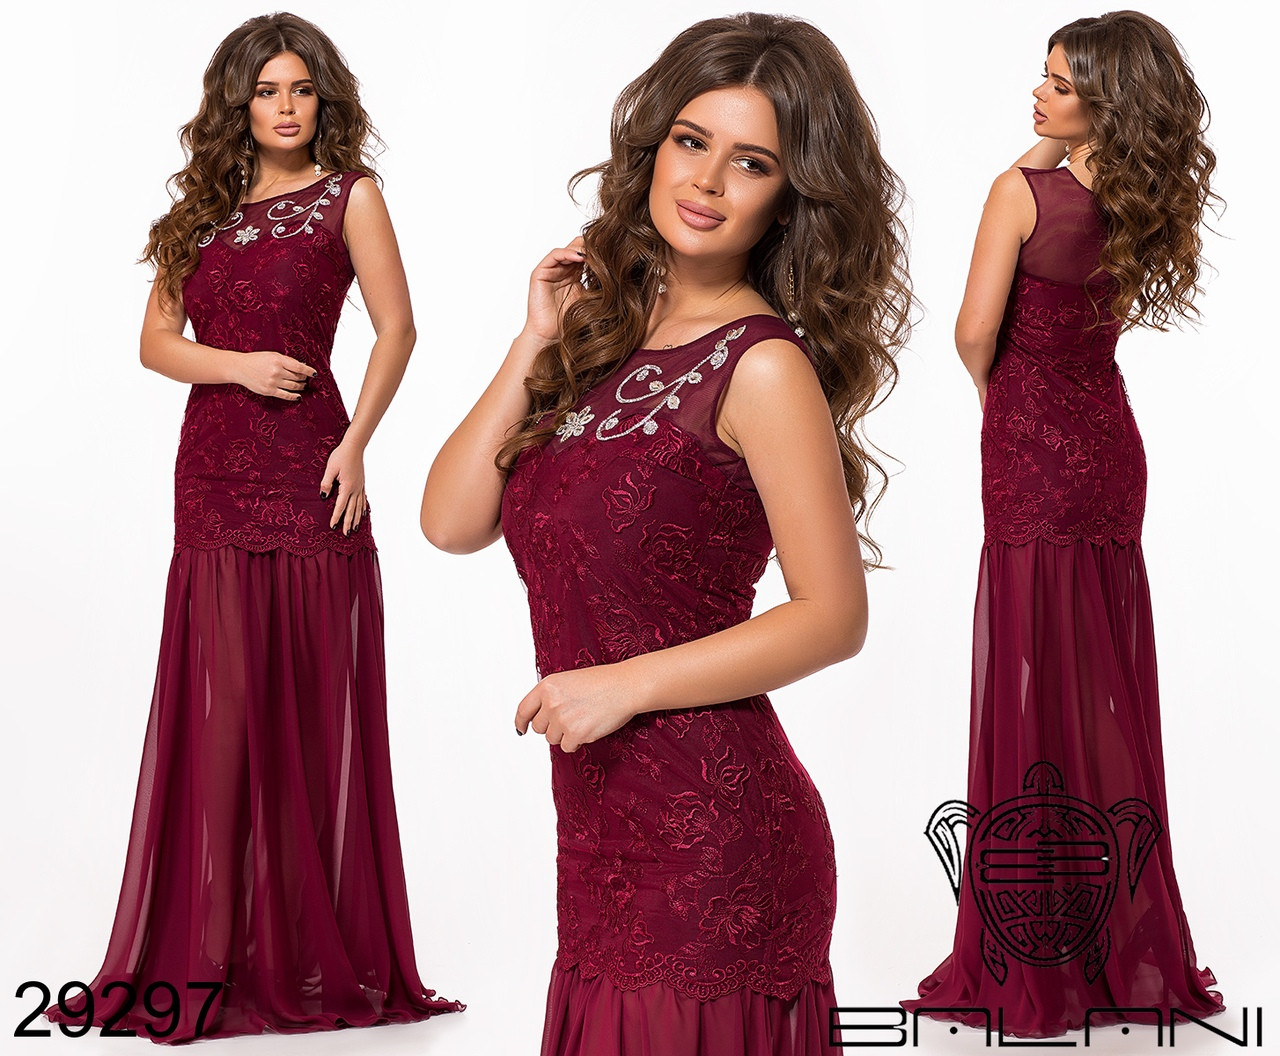 Платье креп дайвинг, вышивка пайетка на сетке Размеры: S, М, L